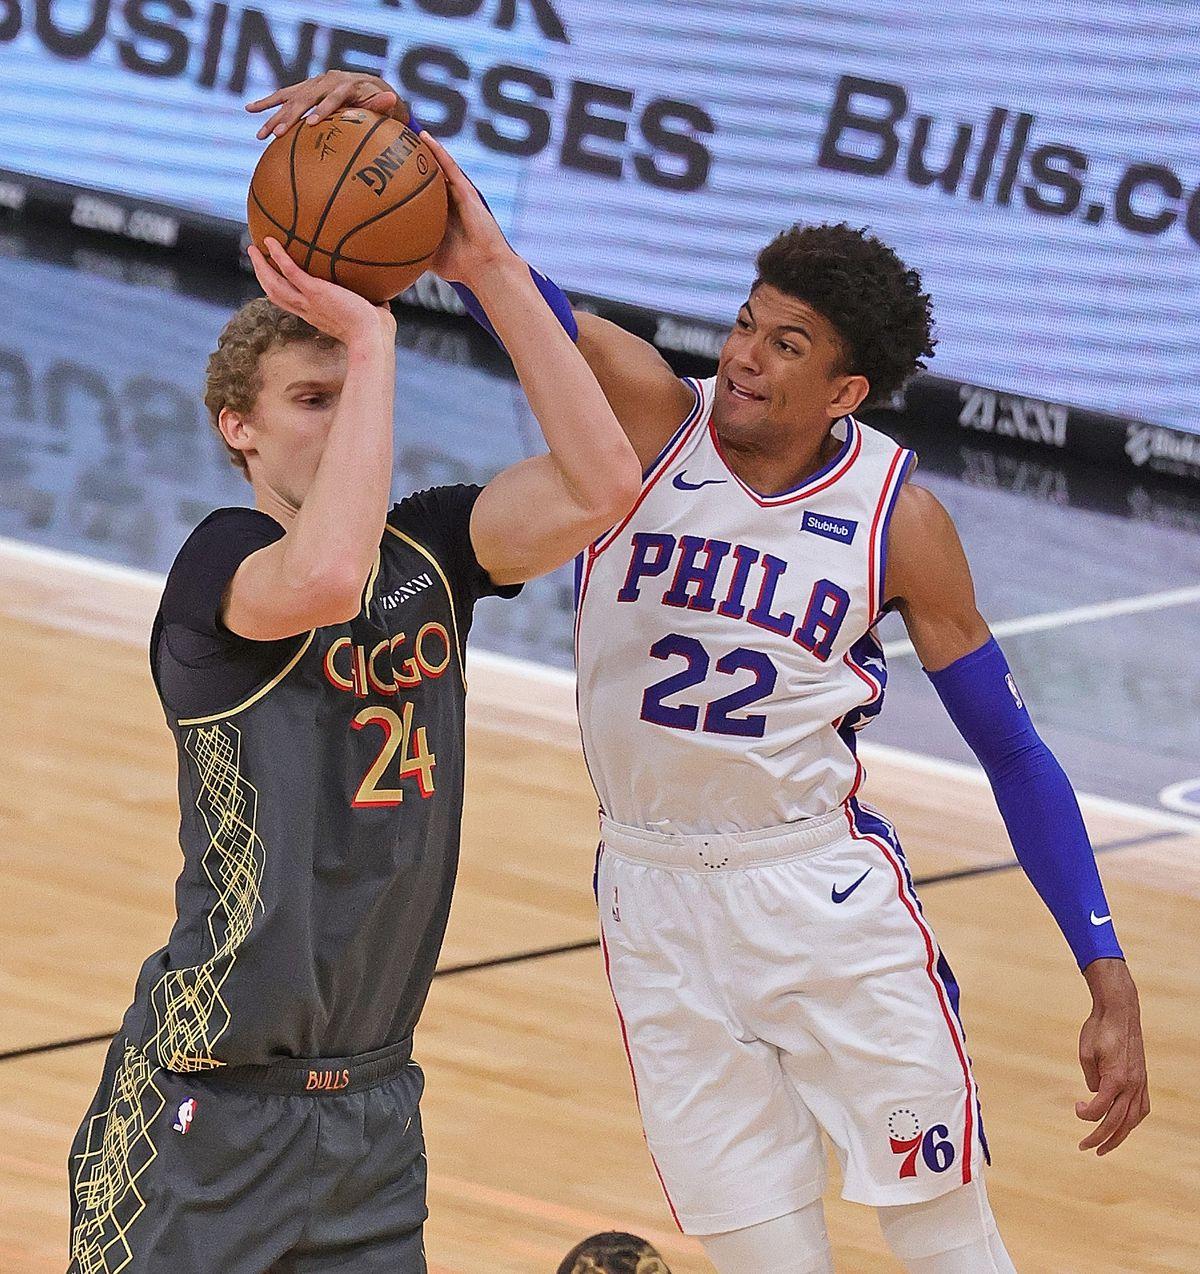 Philadelphia 76ers meet Chicago Bulls